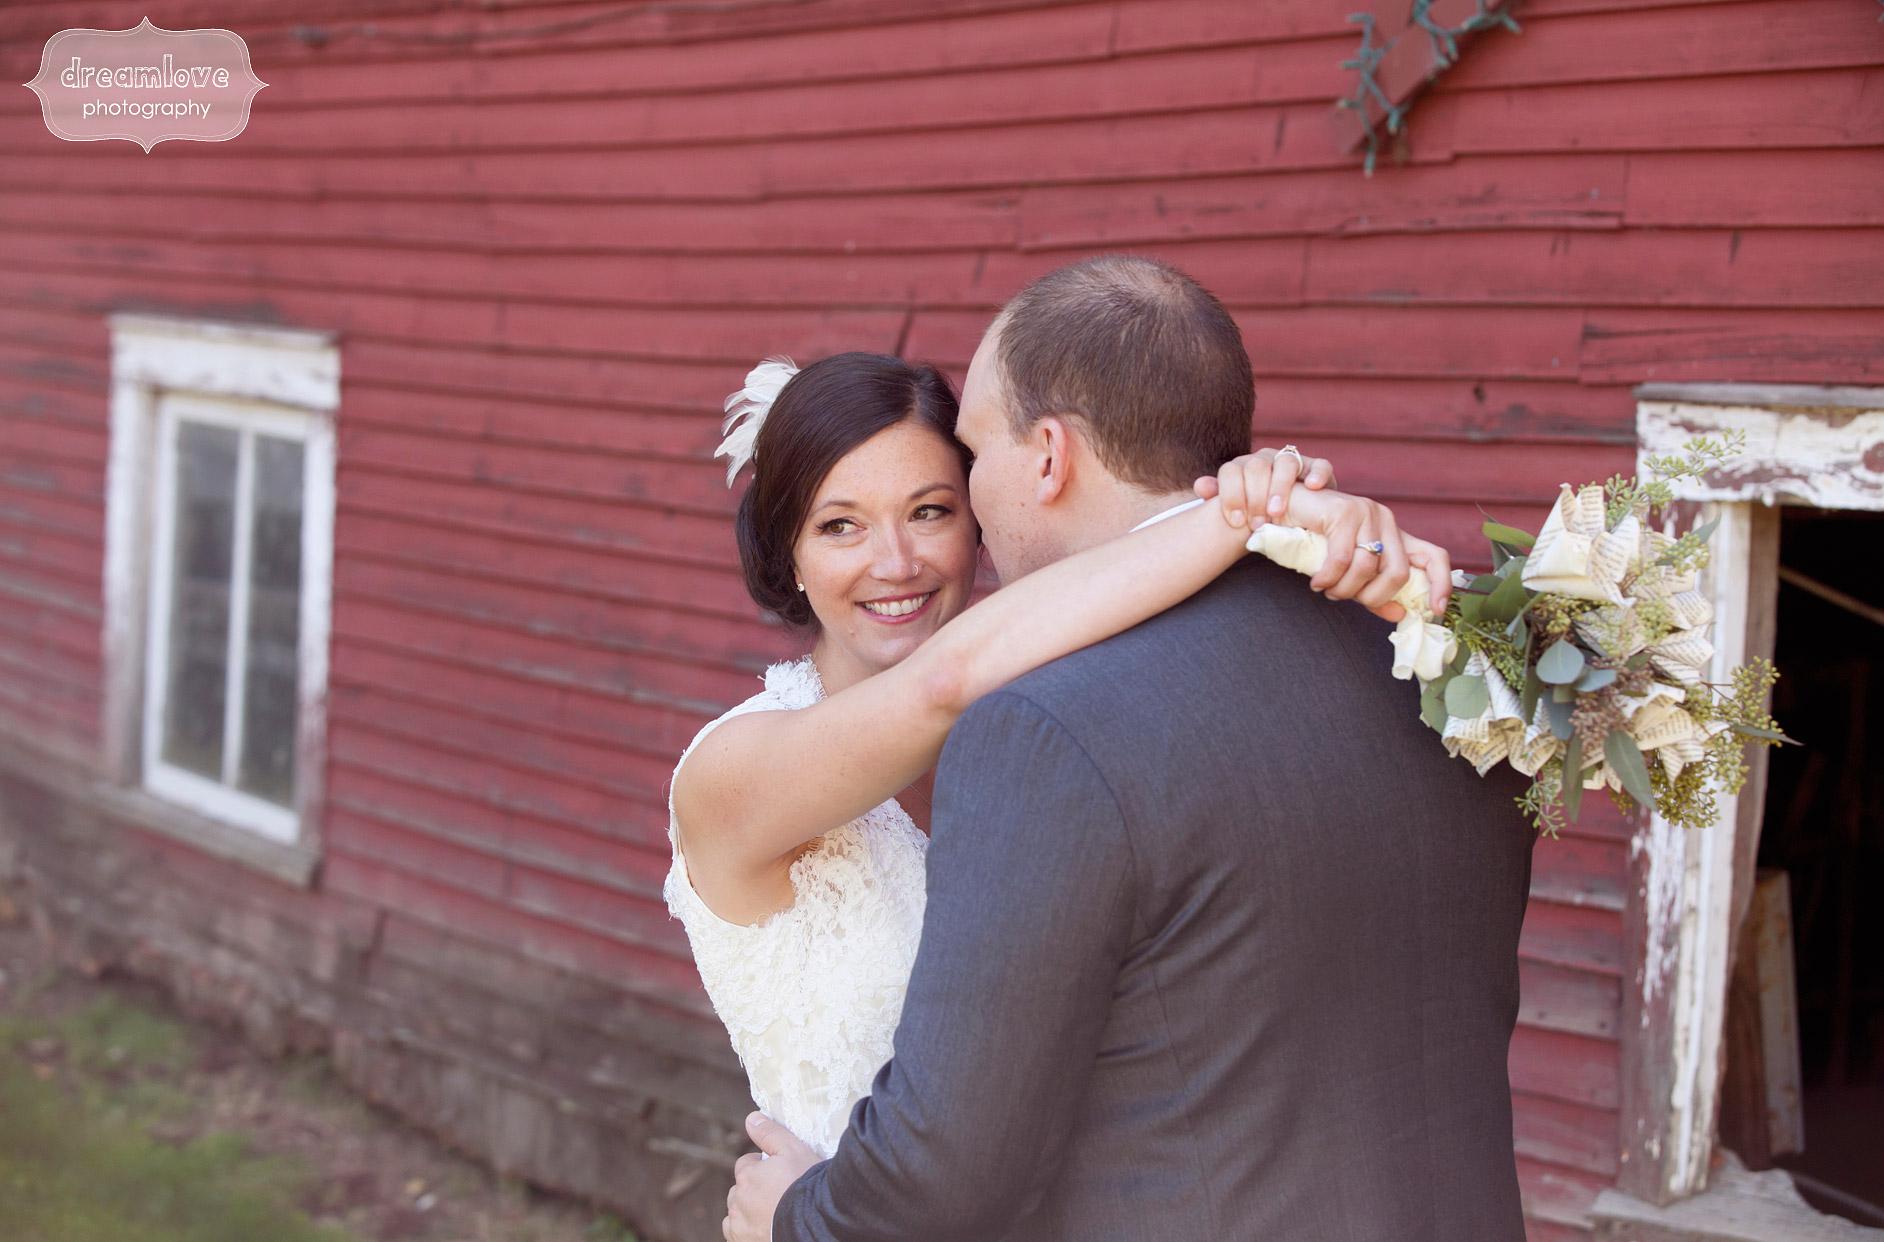 waitsfield vt wedding lareau farm inn photography september